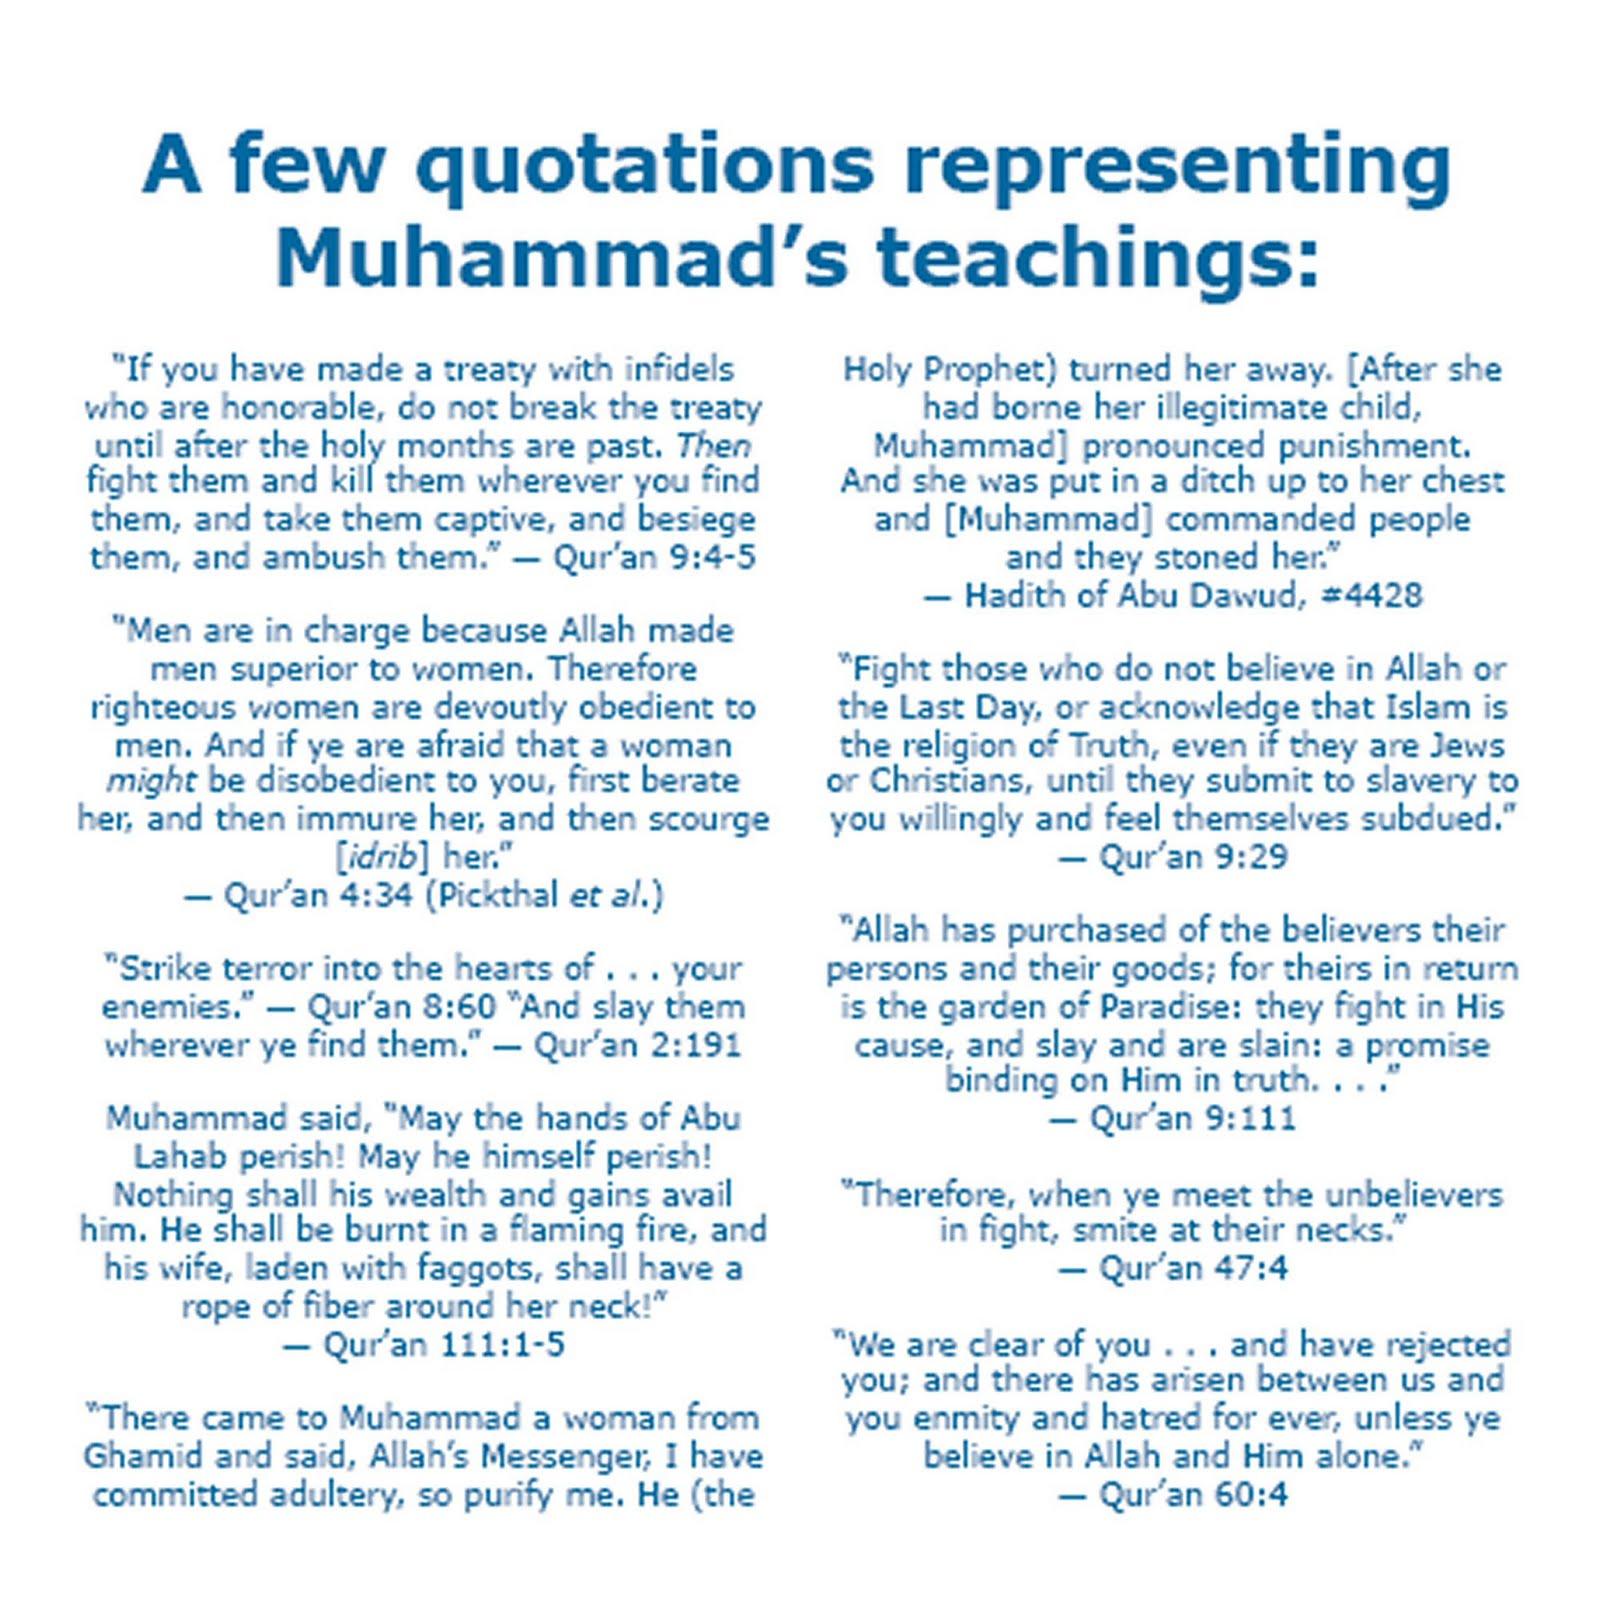 quran quotations 9 11